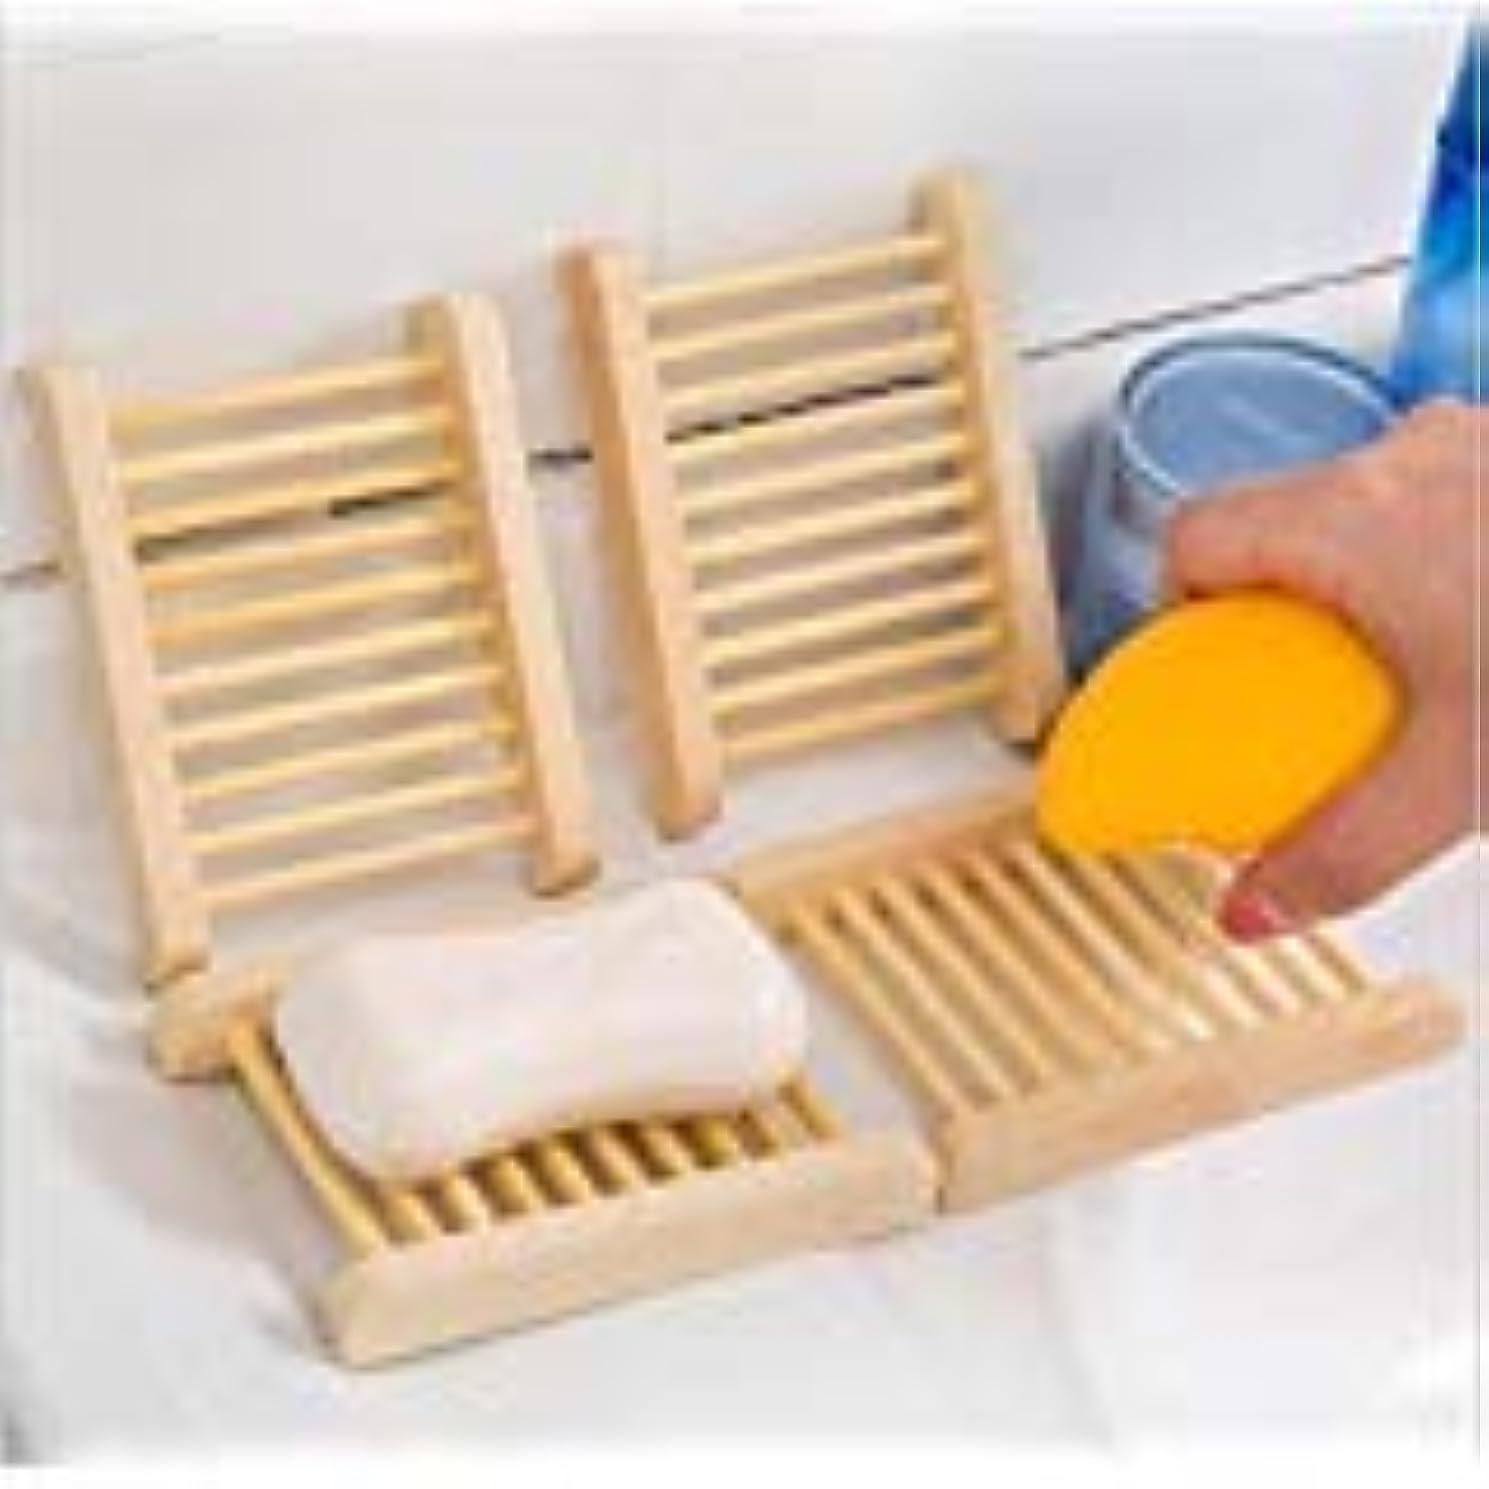 手術刺す平和なKINGZUO ソープトレー せっけんトレー 石鹸置き石鹸置き 石鹸ボックス ソープディッシュ 水切り お風呂 バス用品 木製 4個入り